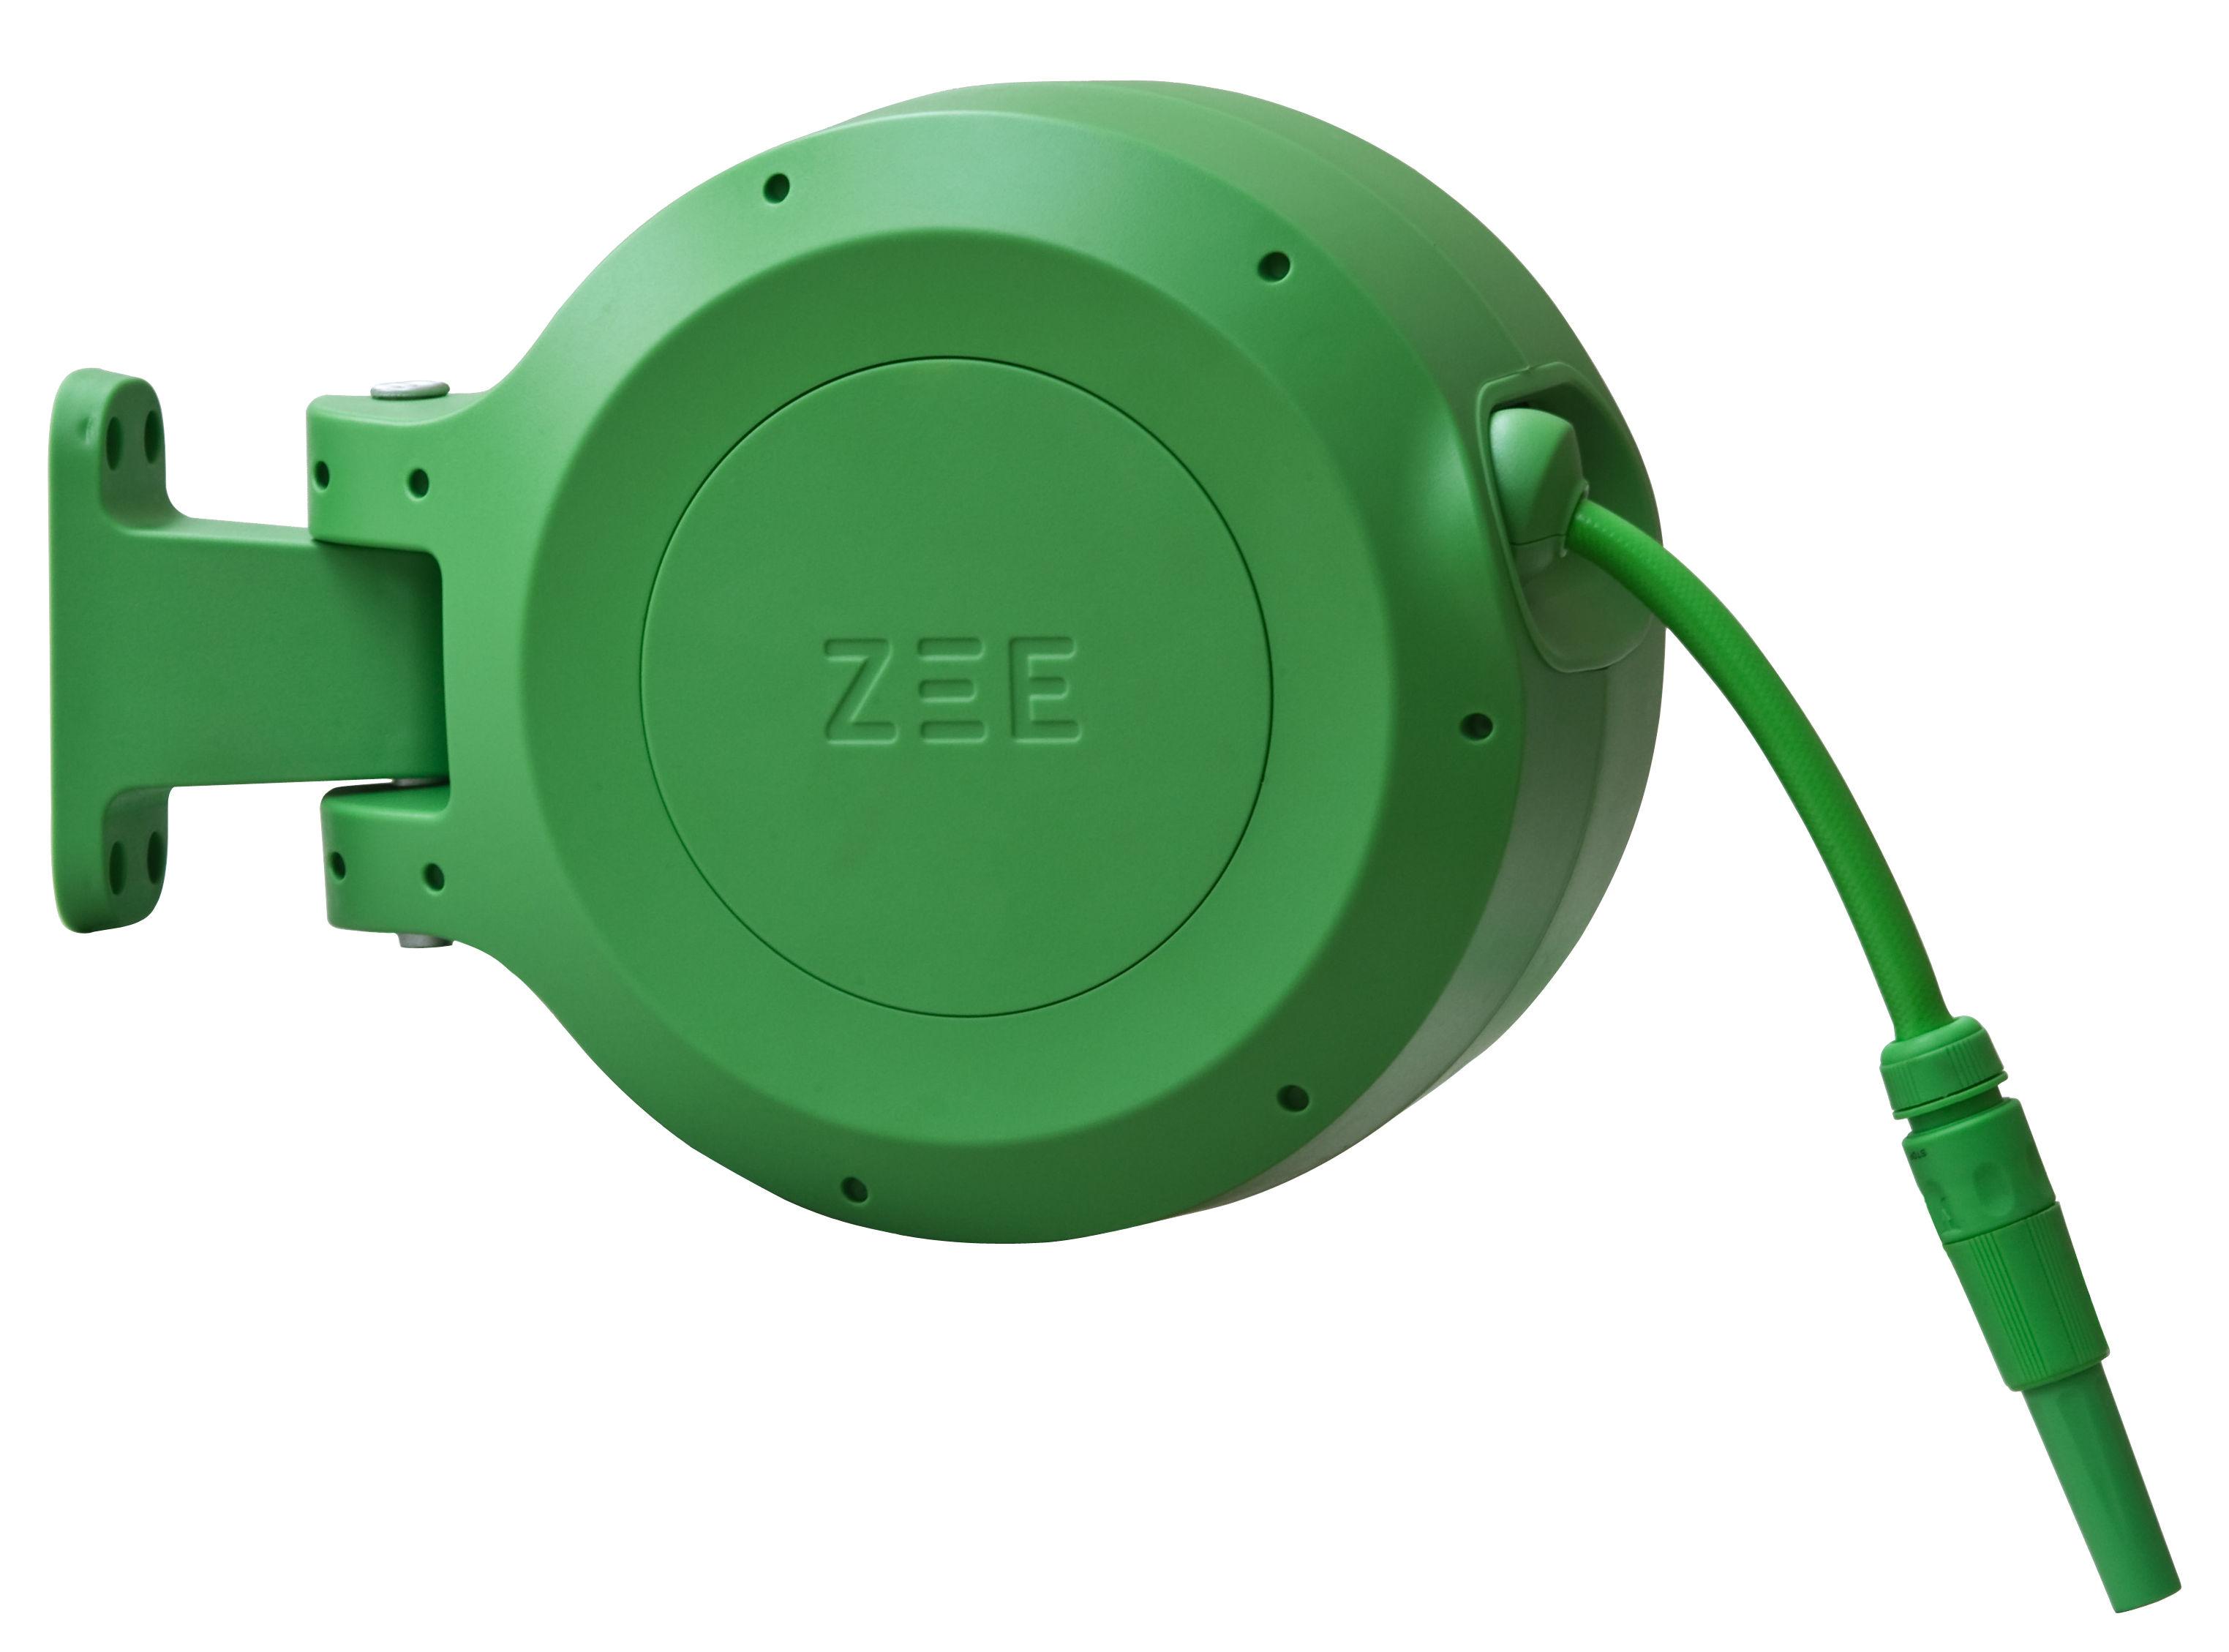 Outdoor - Pots et plantes - Tuyau d'arrosage Mirtoon 10m / Enrouleur automatique - Pistolet offert - Zee - Vert - ABS, PVC